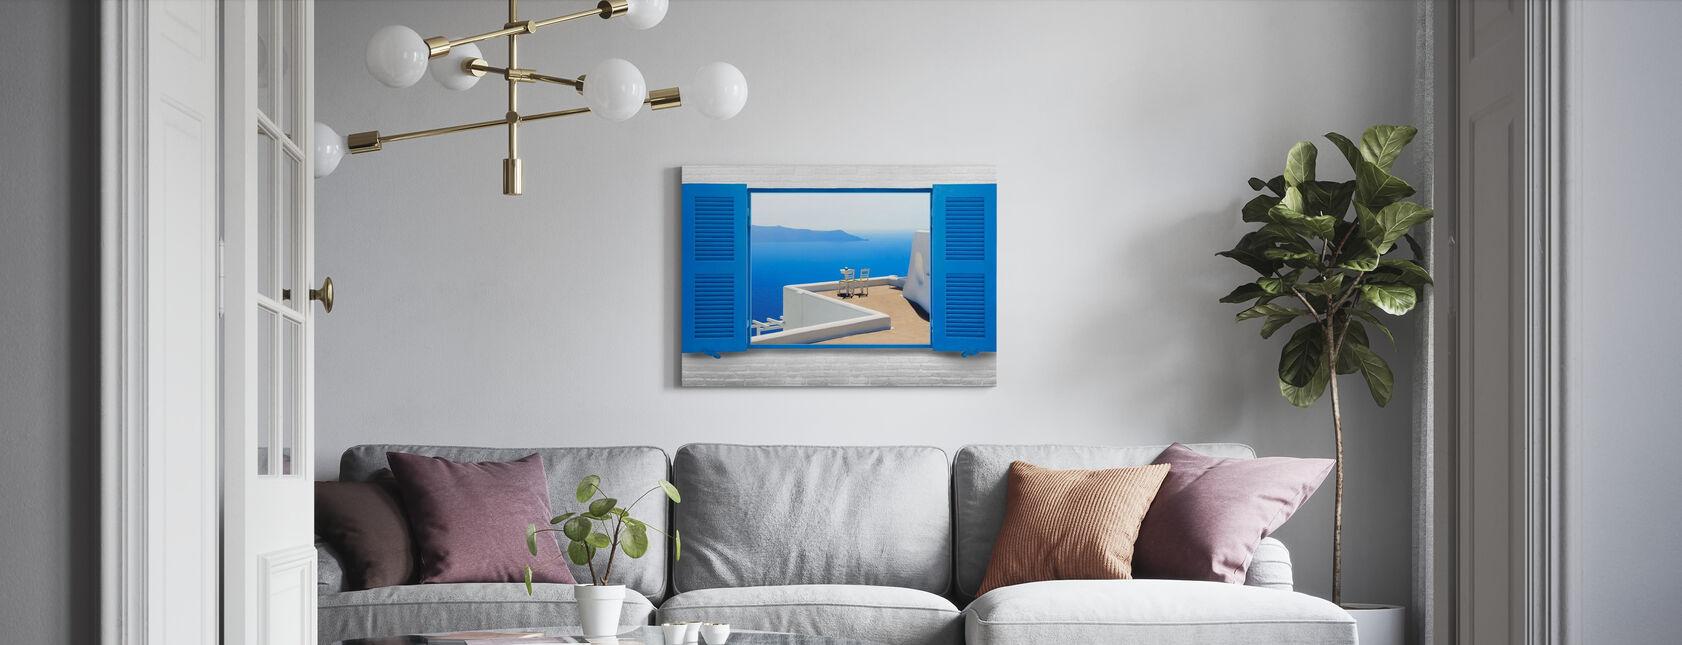 Livets fönster - Canvastavla - Vardagsrum